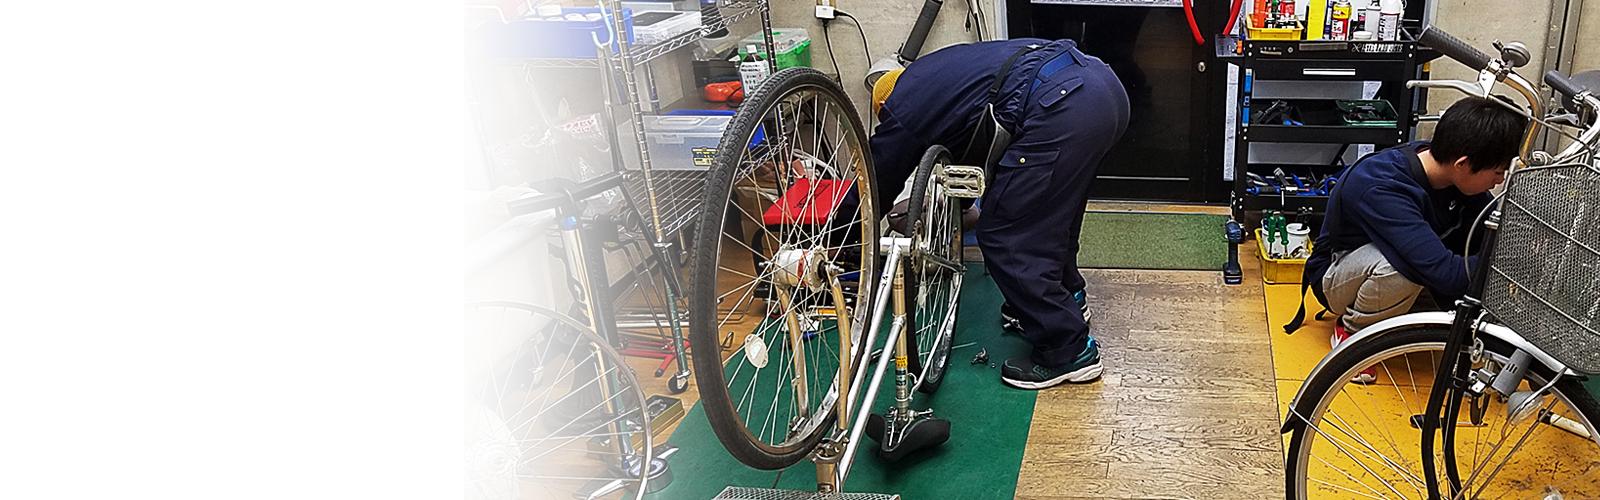 上田市の自転車修理